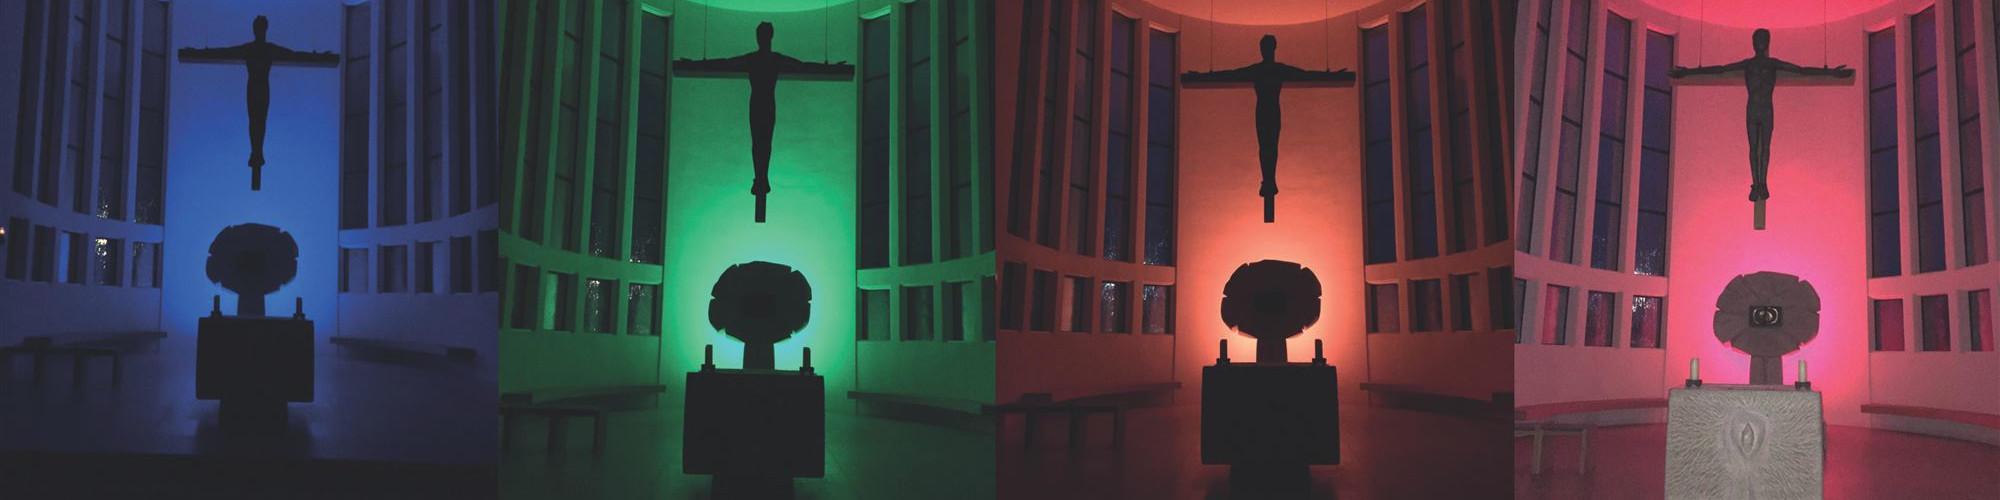 Plakat Illumination-Ausschnitt Kirchenraum